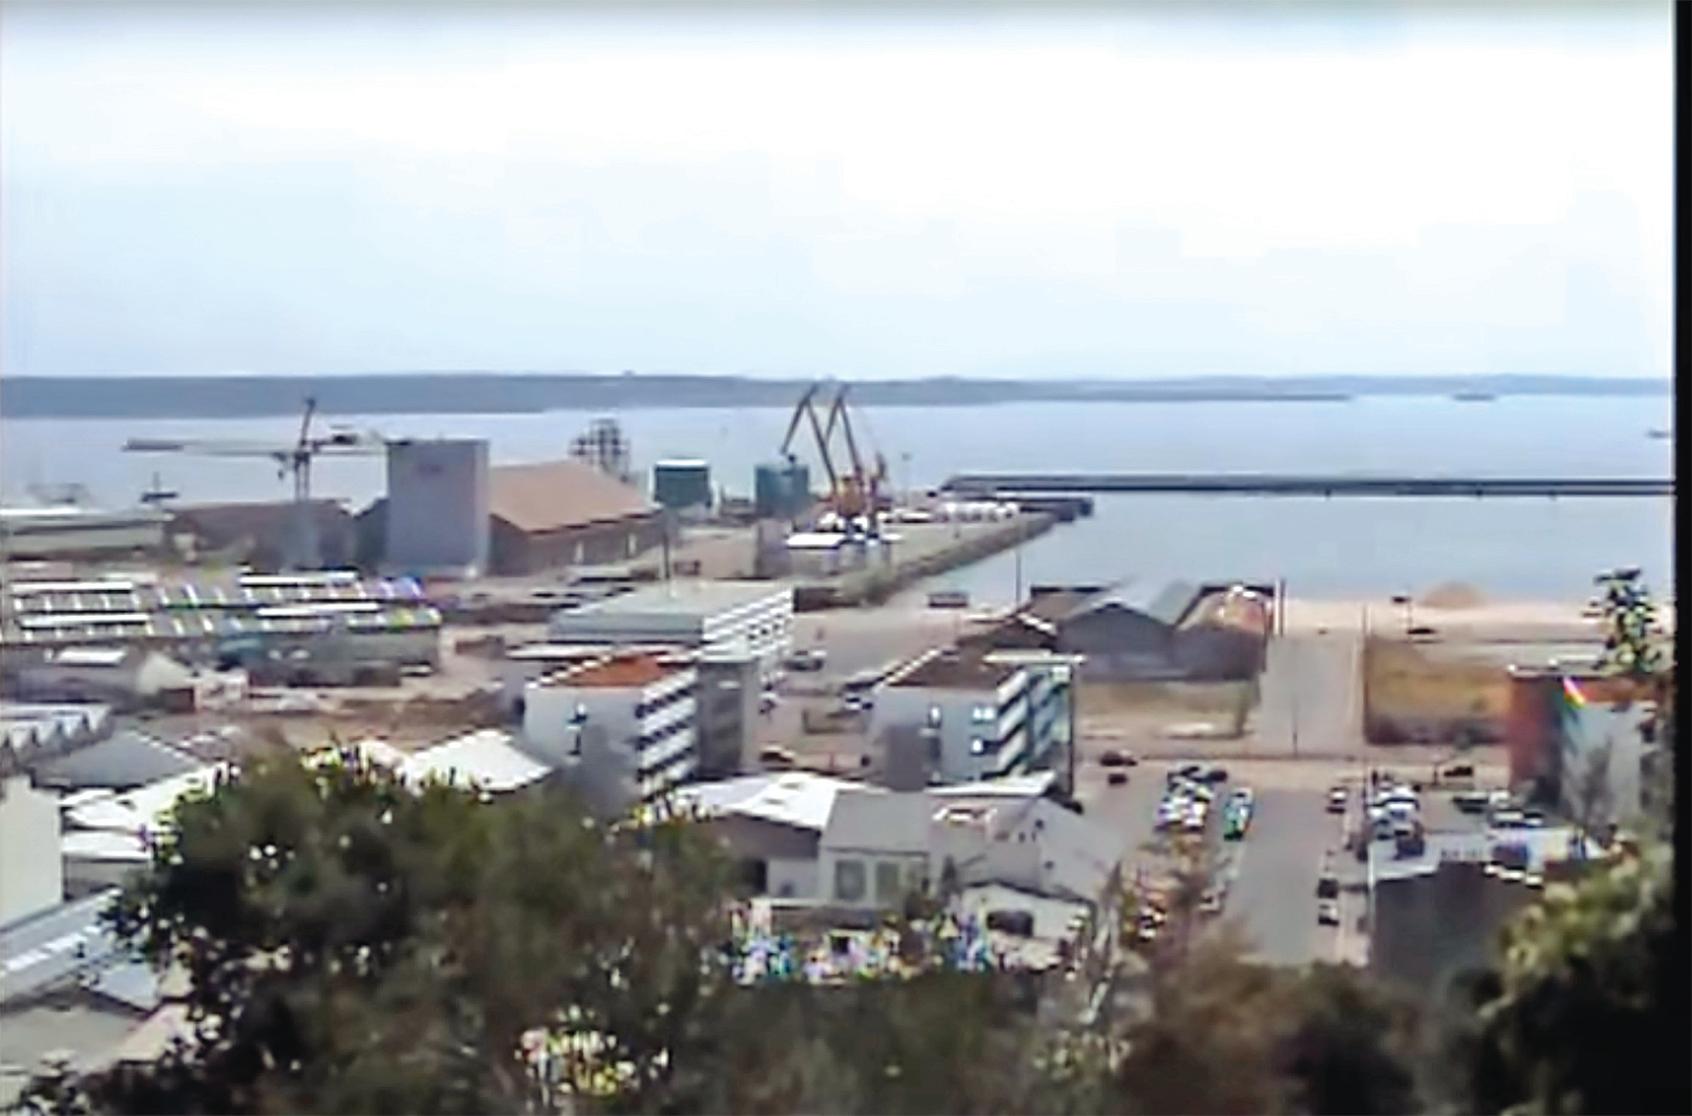 布雷斯特有法國第二大軍港,也是中共間諜滲透的目標。圖為法國布雷斯特的一處碼頭。(視頻截圖)